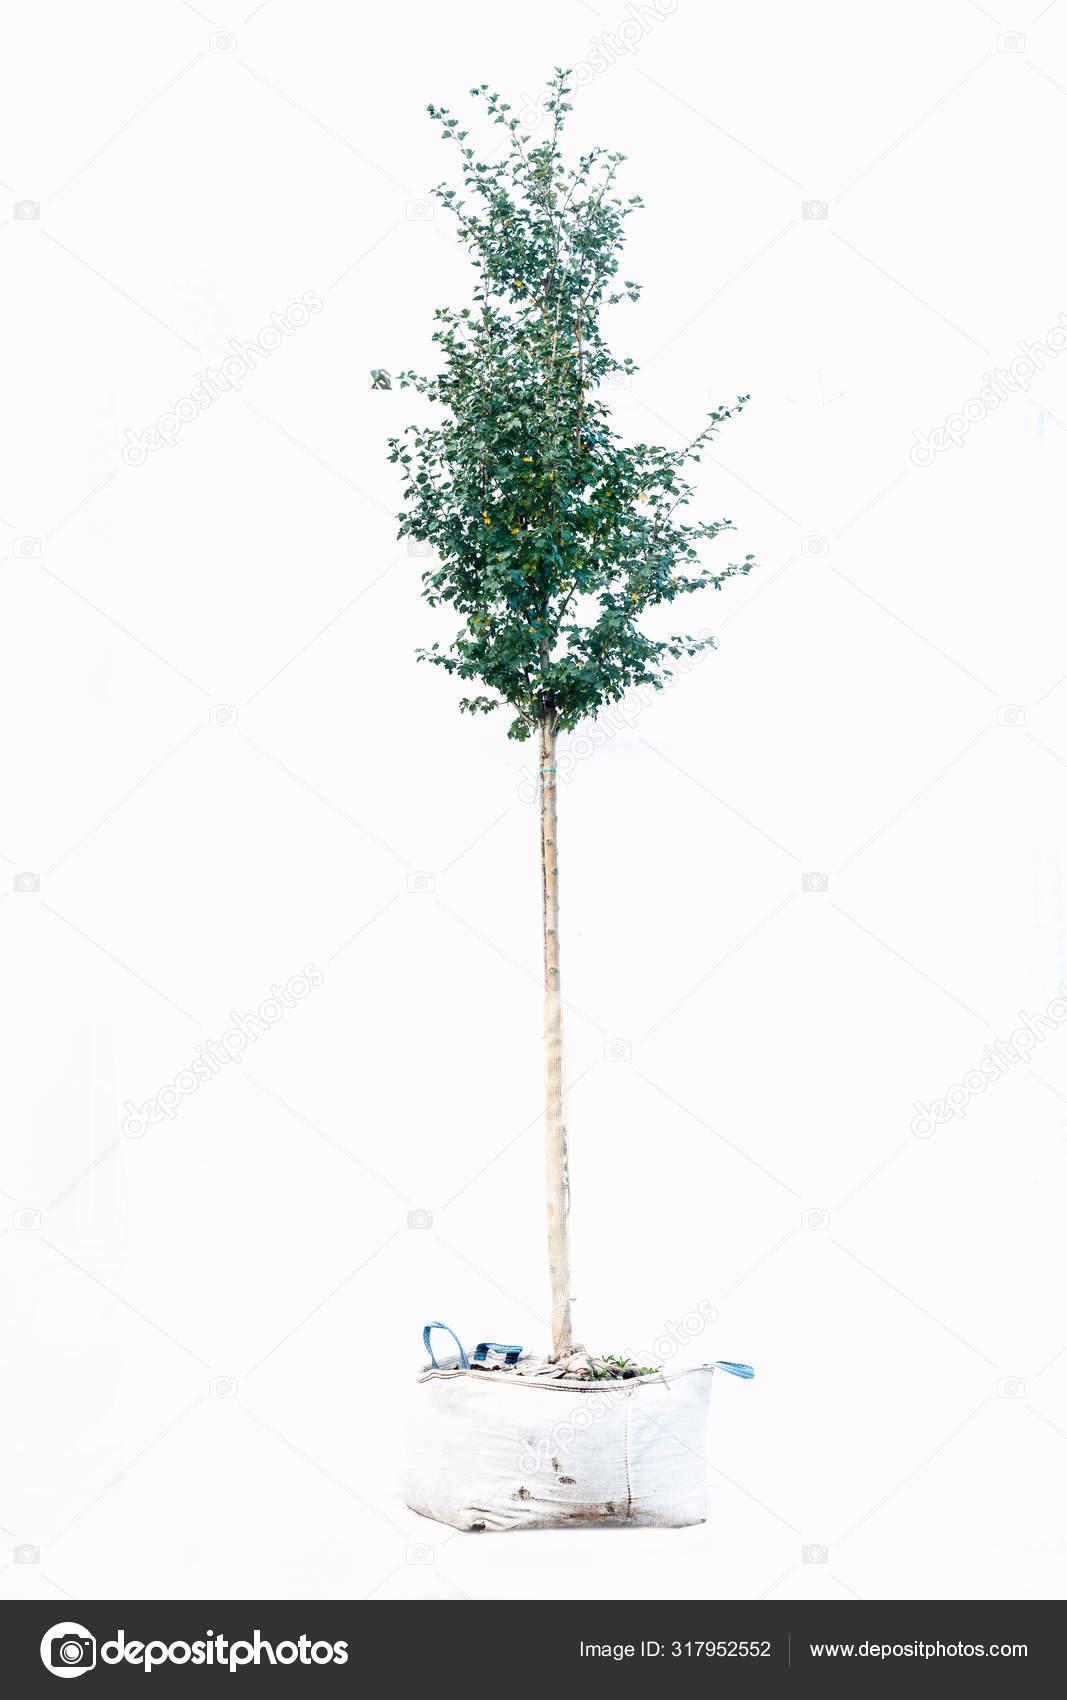 arbre pot sur fond blanc image libre de droit par dezphoto c 317952552